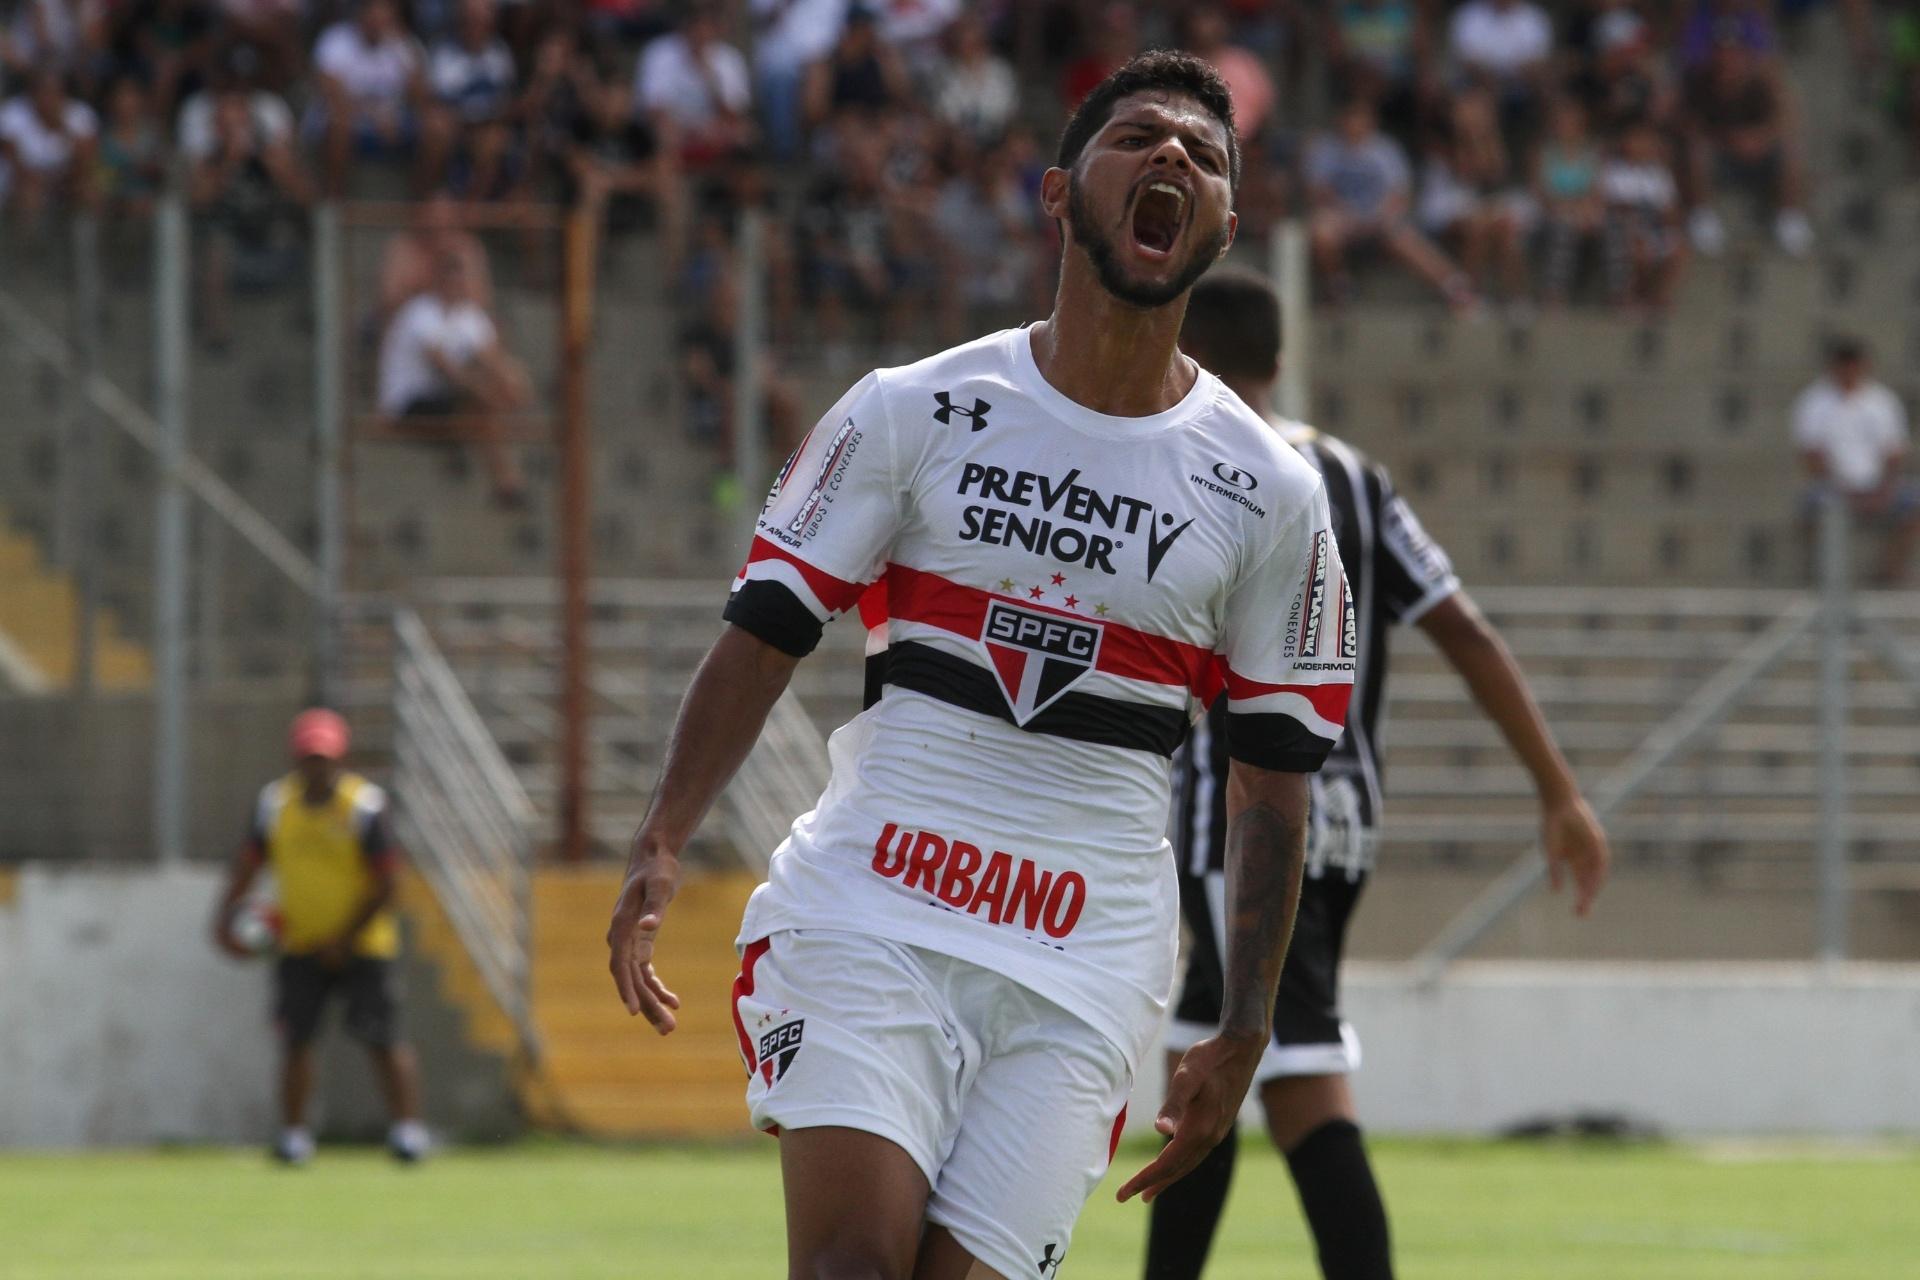 São Paulo promove Caique e pode levar mais duas promessas ao time principal  - 30 12 2017 - UOL Esporte c241551d2b1d5